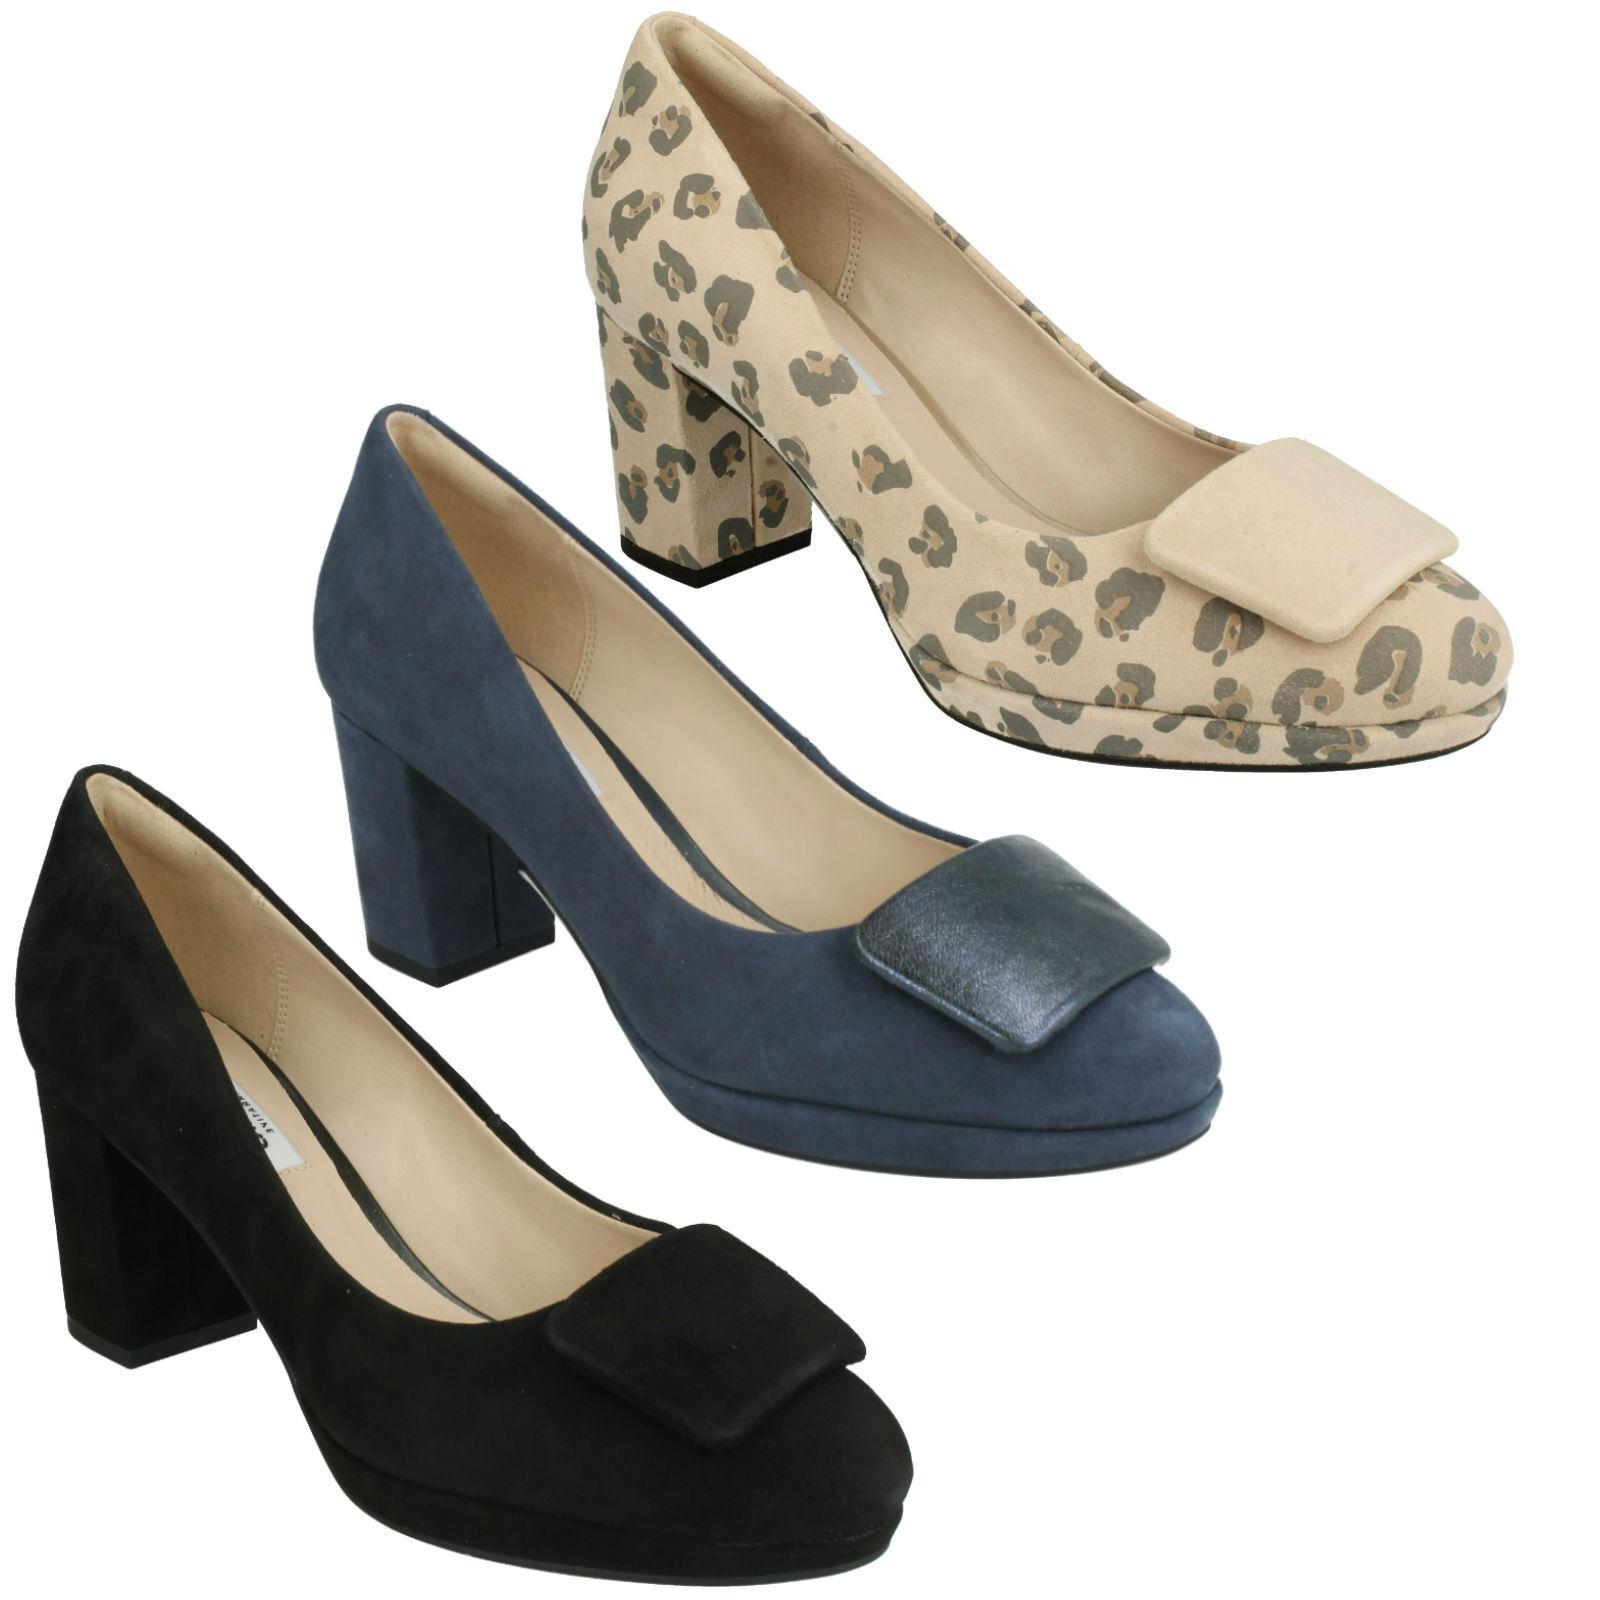 KELDA GEM LADIES CLARKS SUEDE DRESS WORK SLIP ON PLATFORM HEELED COURT Schuhe